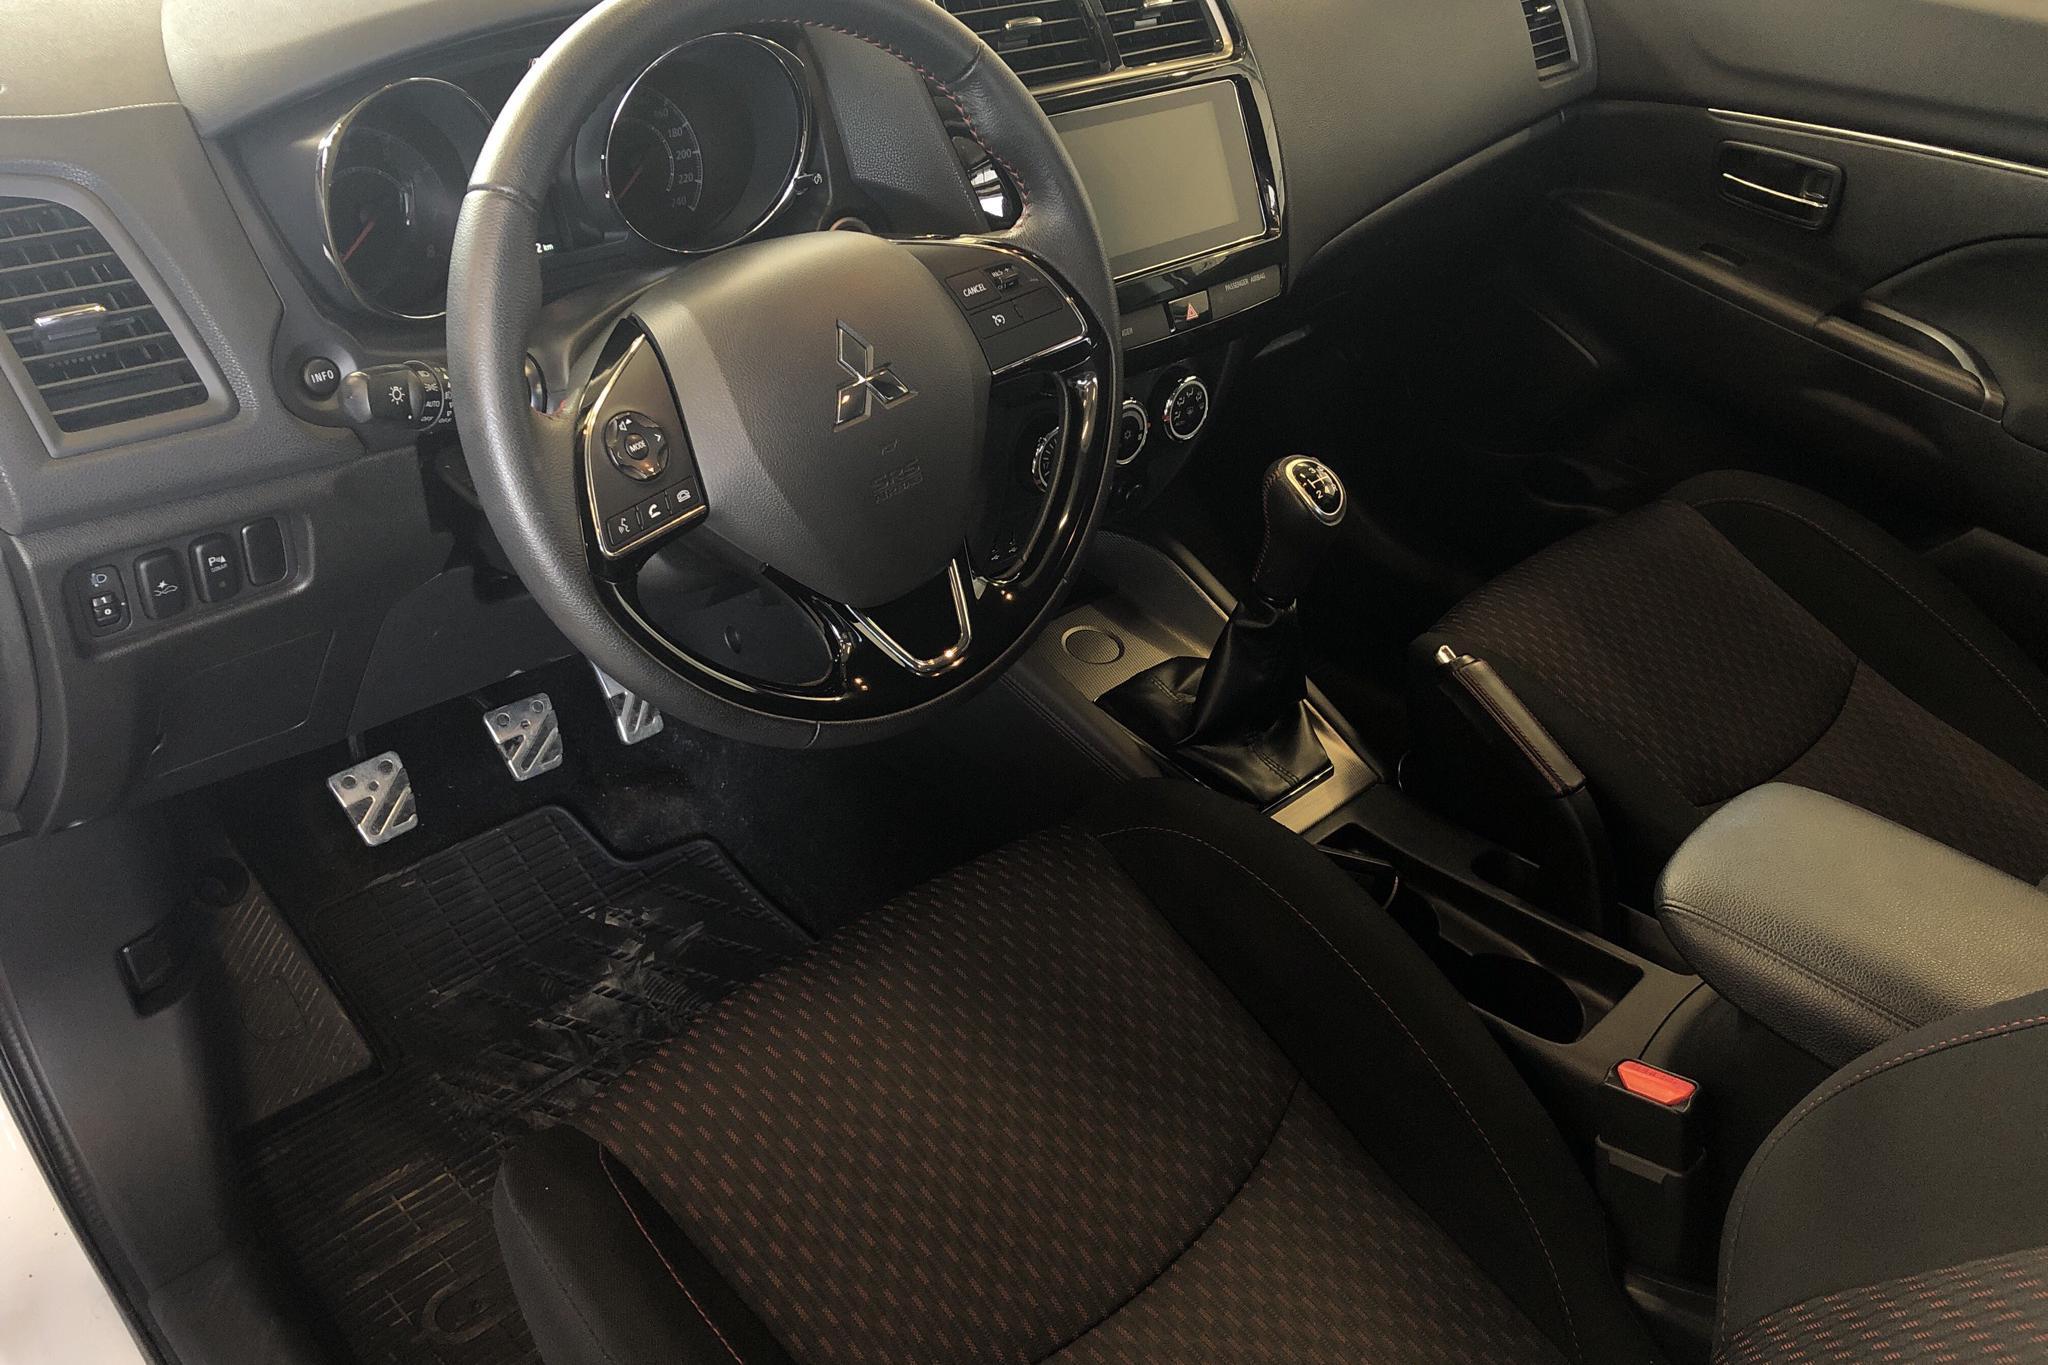 Mitsubishi ASX 1.6 2WD (117hk) - 4 819 mil - Manuell - vit - 2018